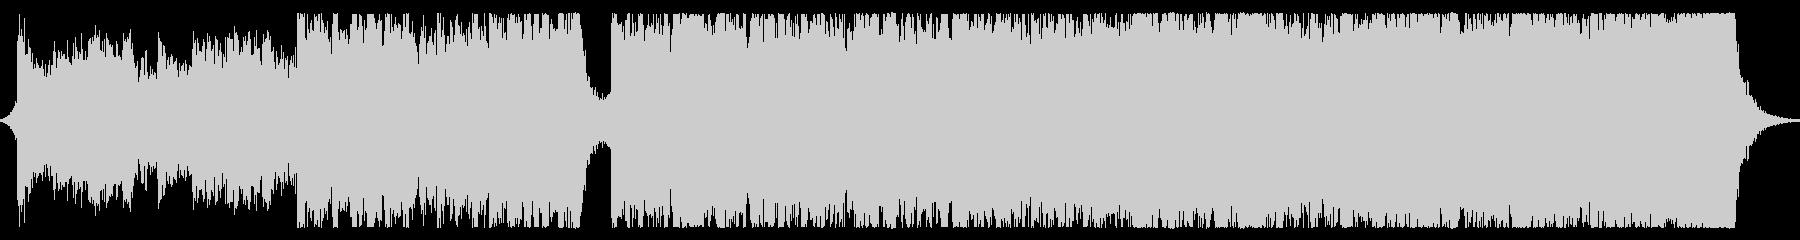 雄大で刺激的な音楽の未再生の波形